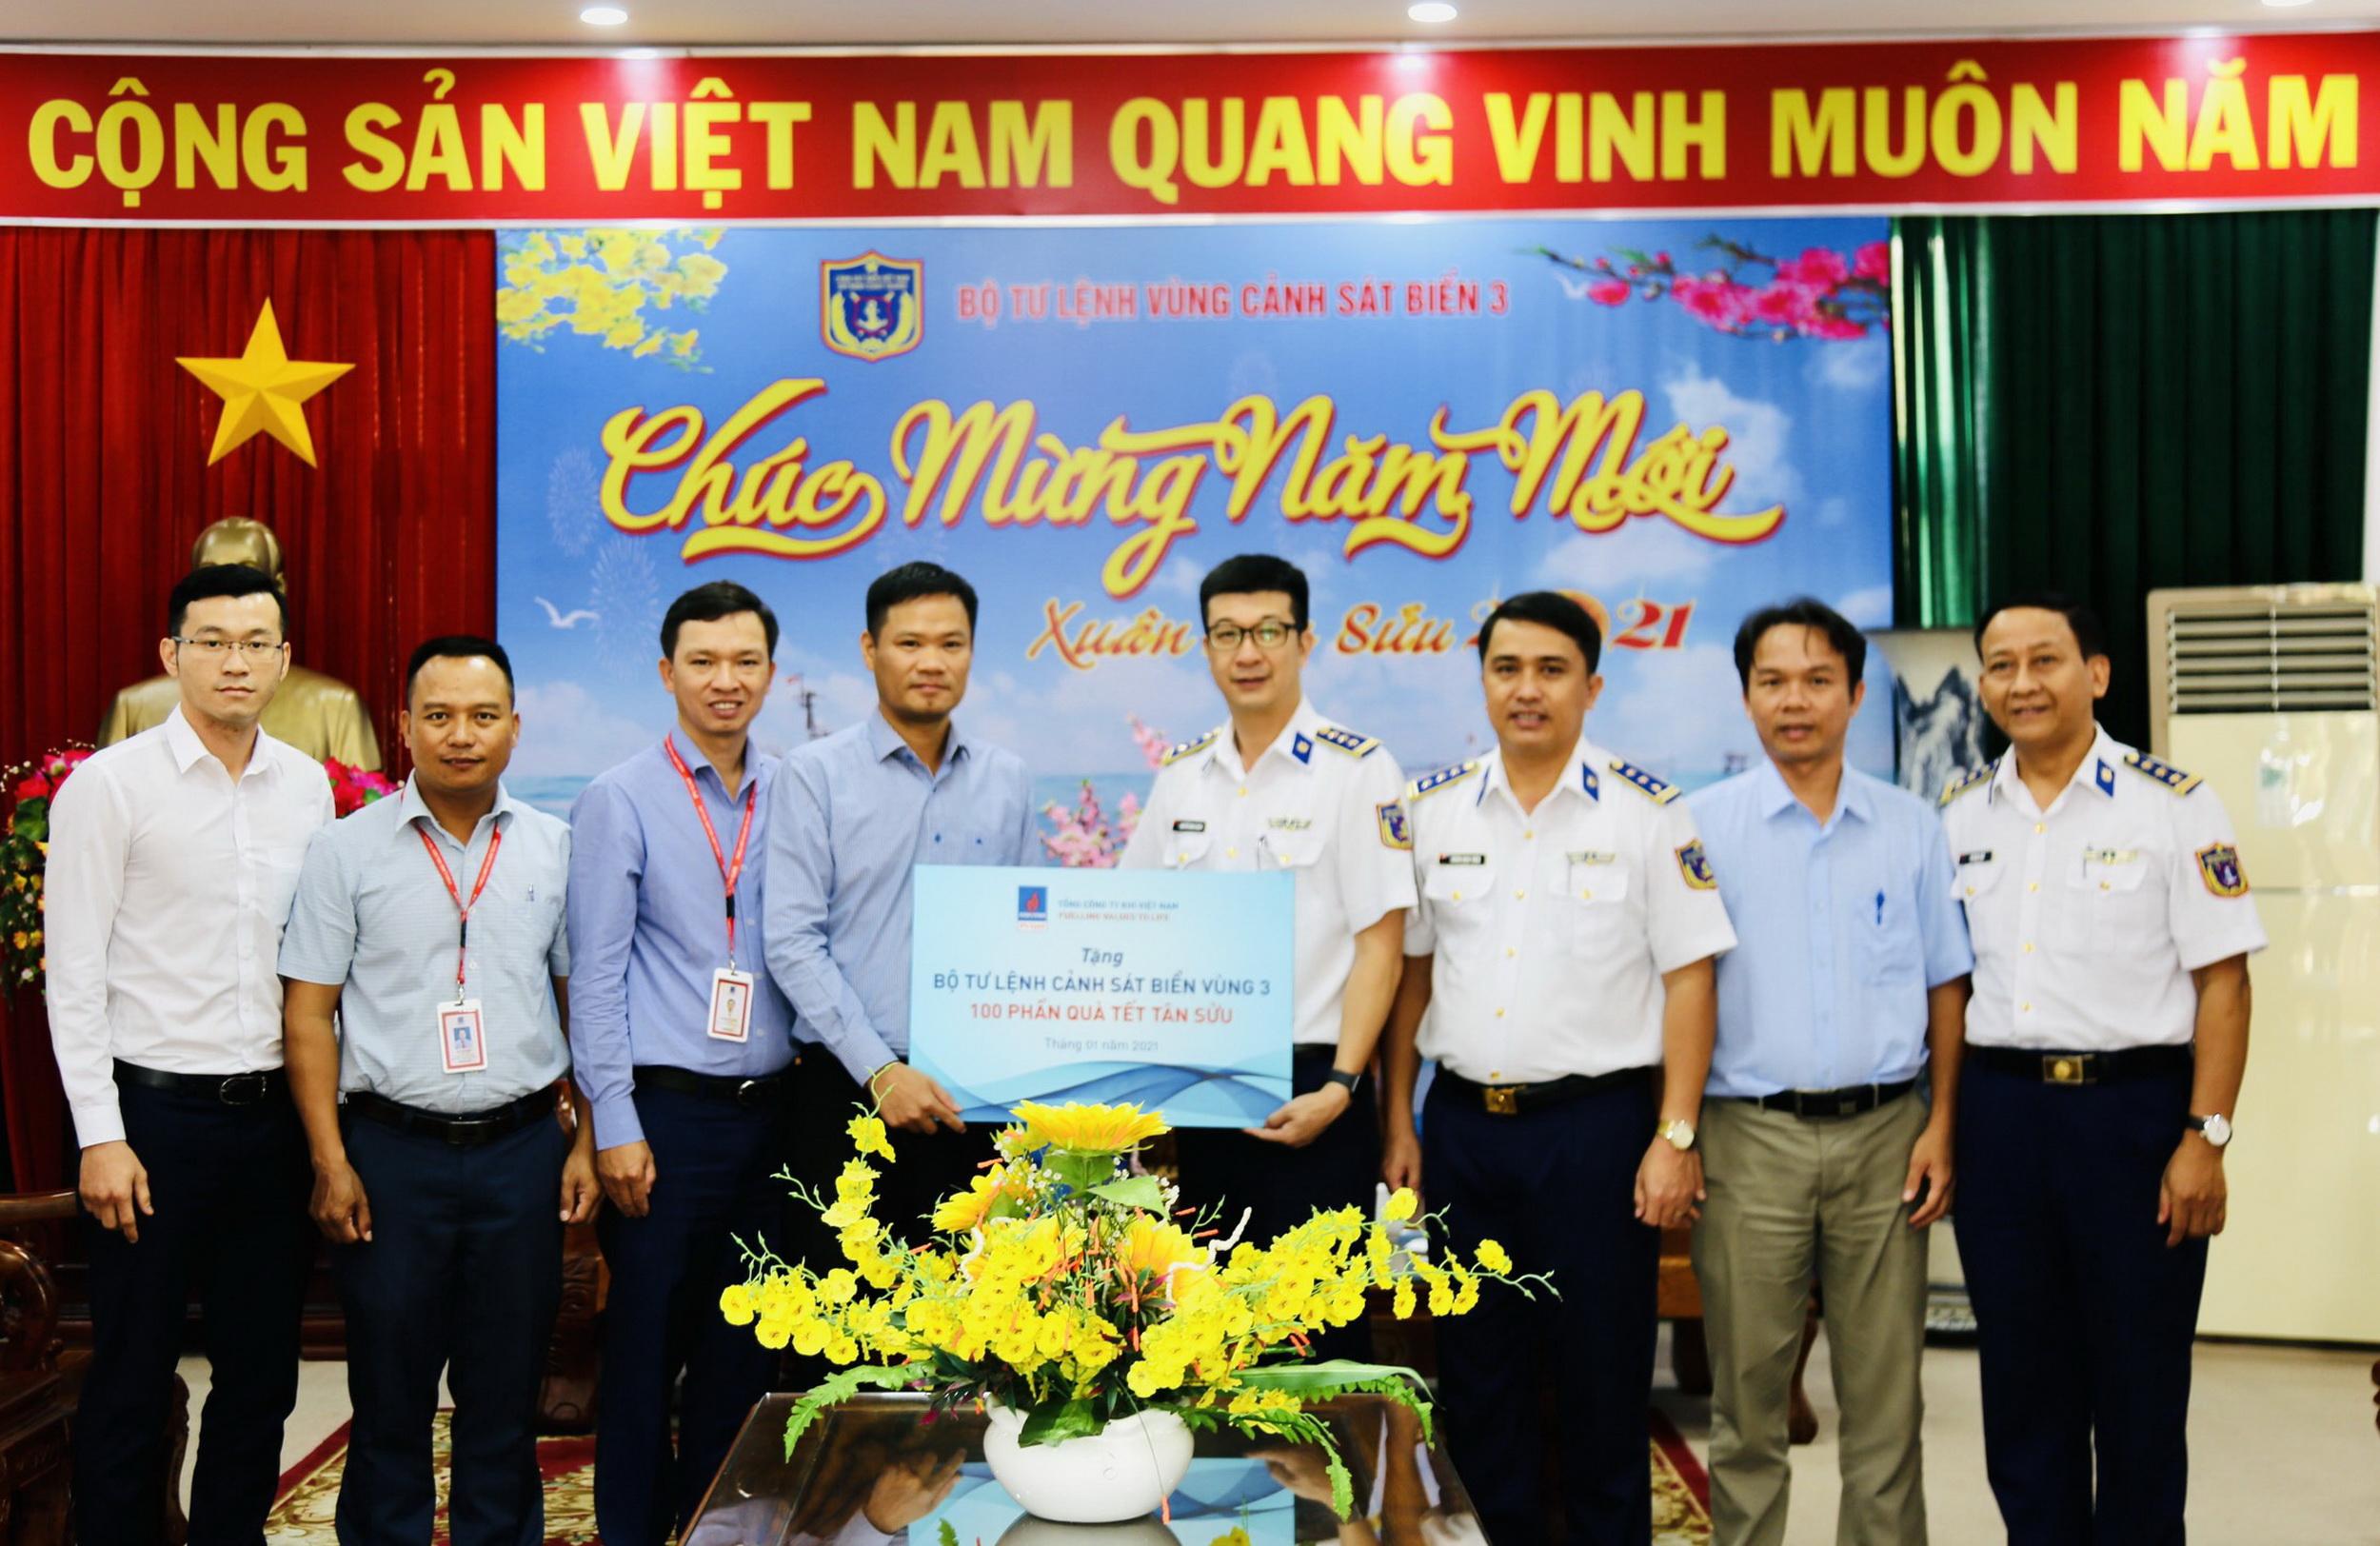 Trao tặng 100 phần quà cho các cán bộ, chiến sĩ Bộ Tư lệnh Vùng Cảnh sát biển 3